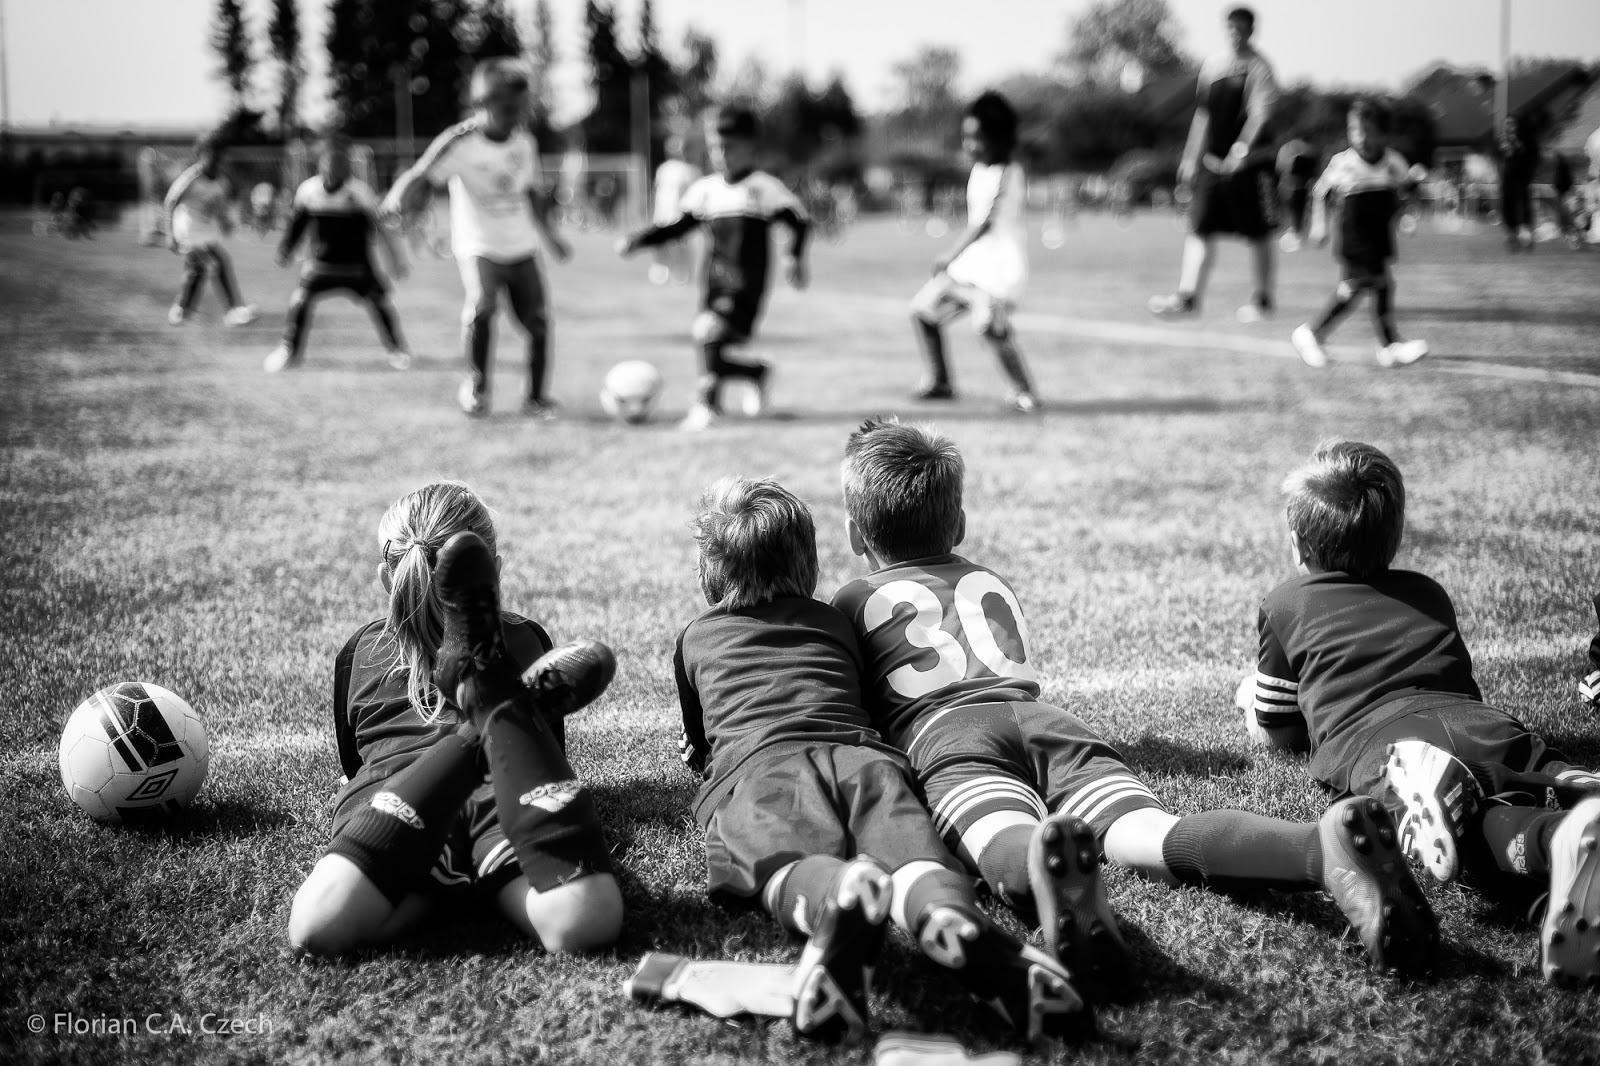 Kinder liegen auf dem Rasen und schauen beim Fussball spielen zu